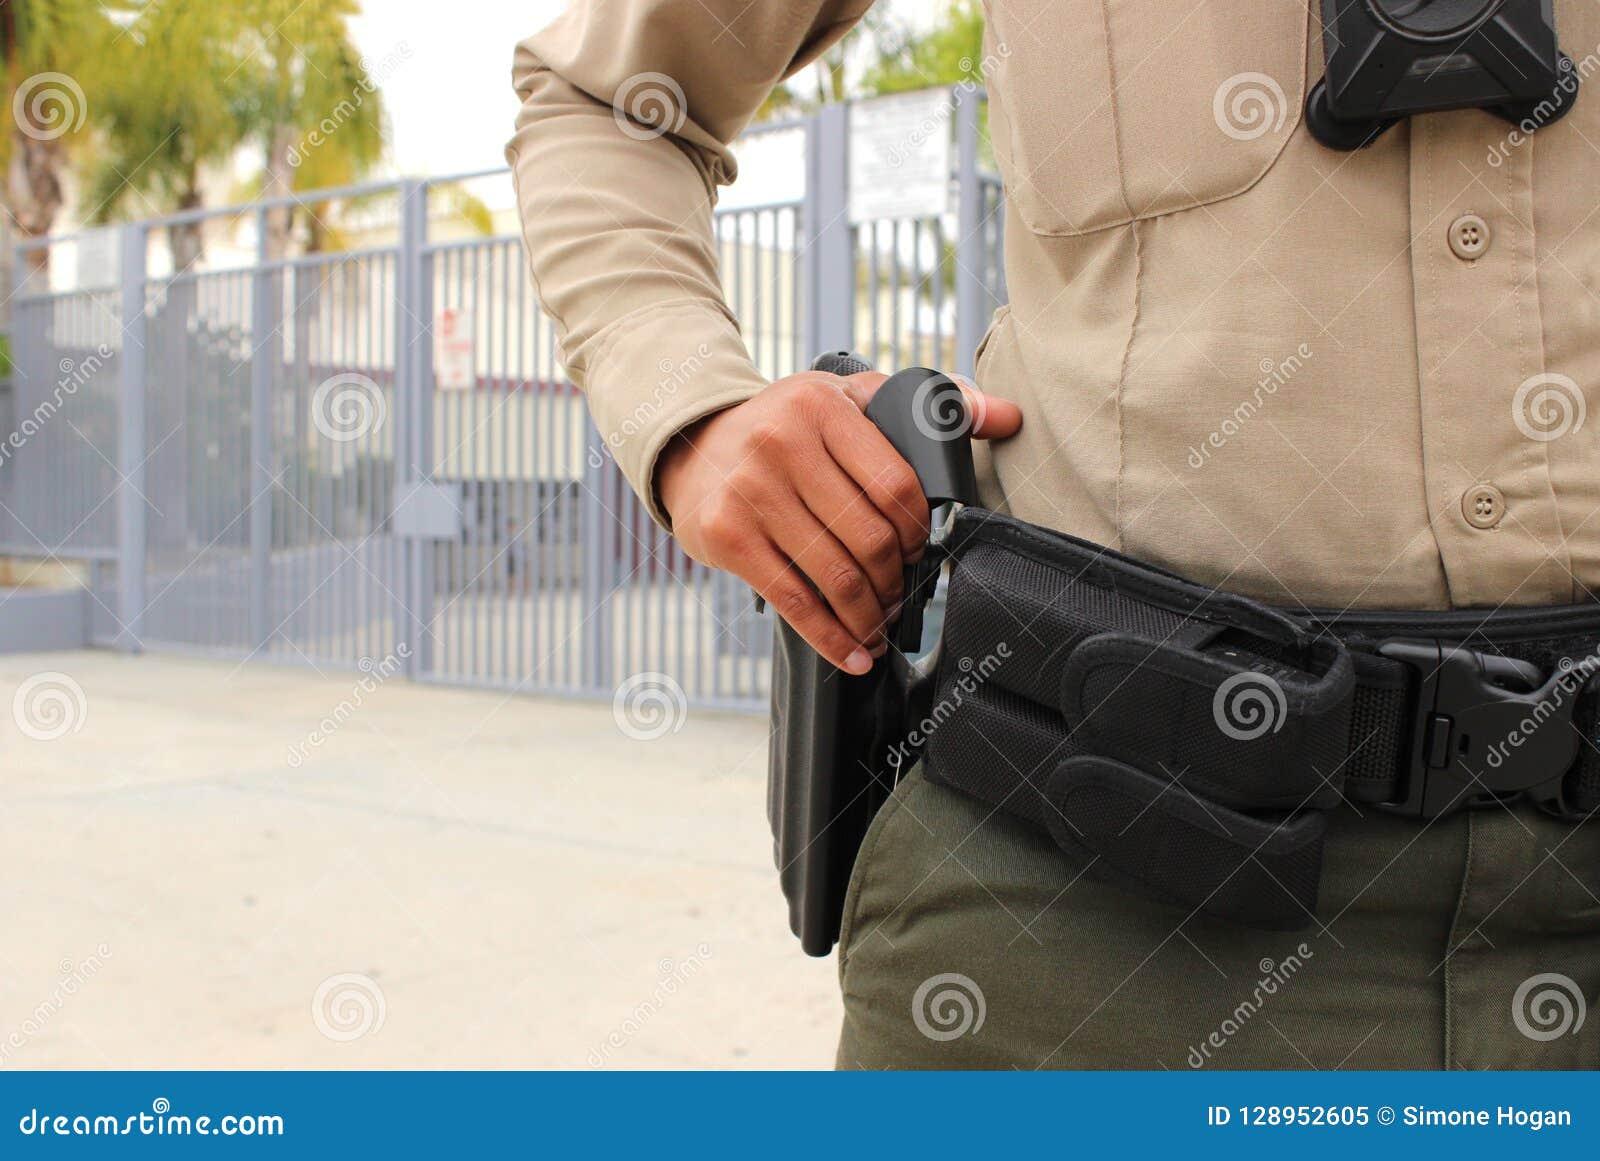 Oficial de policía que protege el campus de la High School secundaria